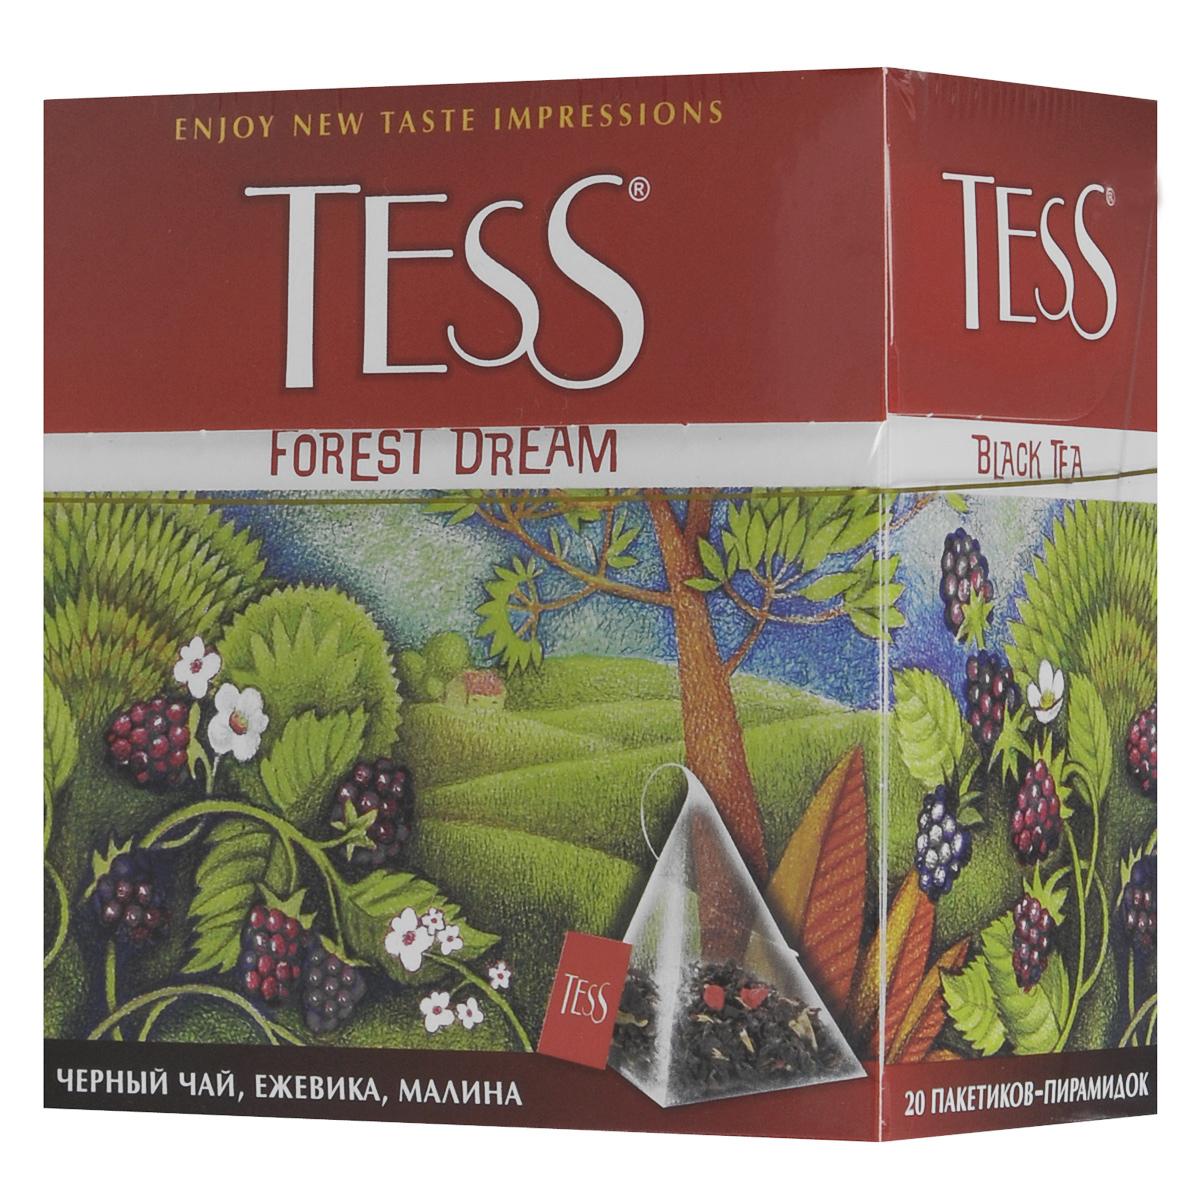 Tess Forest Dream черный чай в пирамидках, 20 шт фруктовая линия ассорти зеленый чай в пирамидках 20 шт 4 вкуса